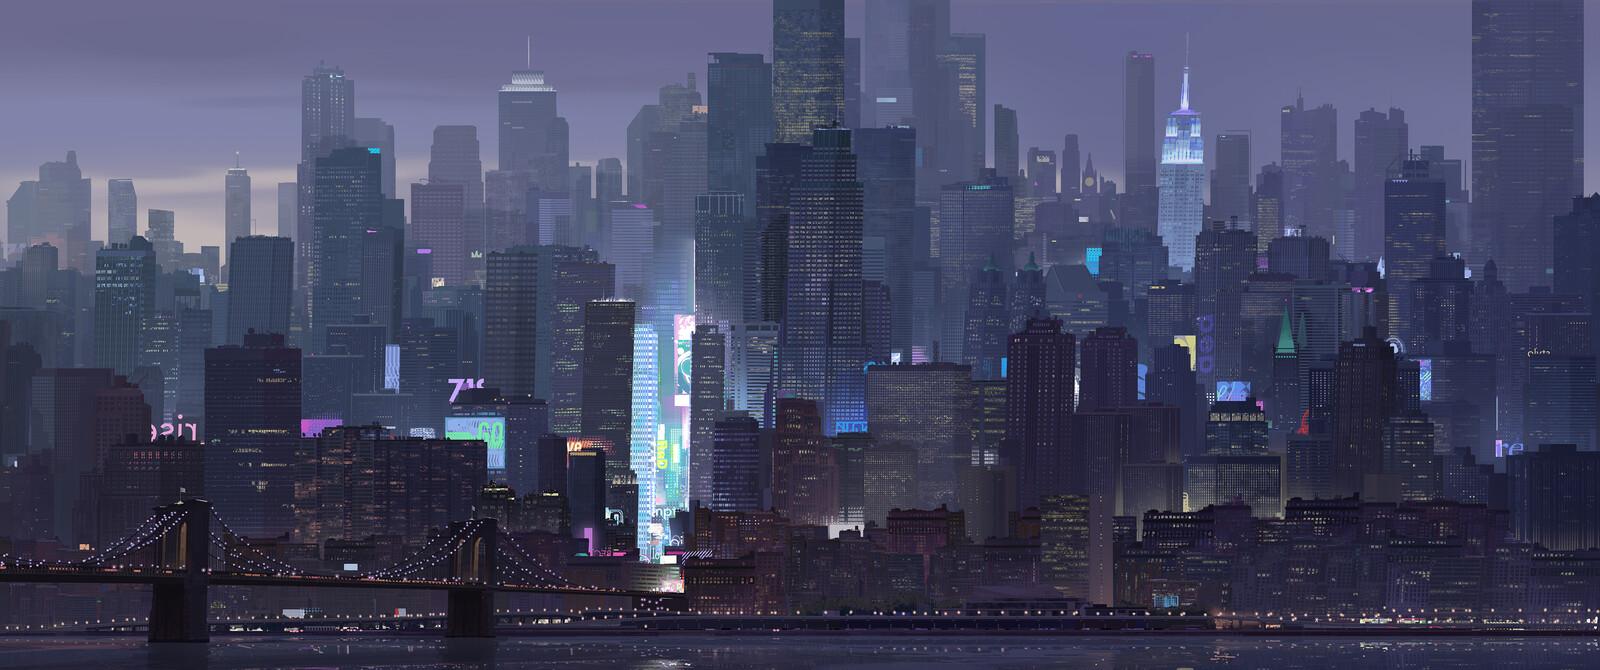 Spider-Man: Into the Spider-verse Manhattan